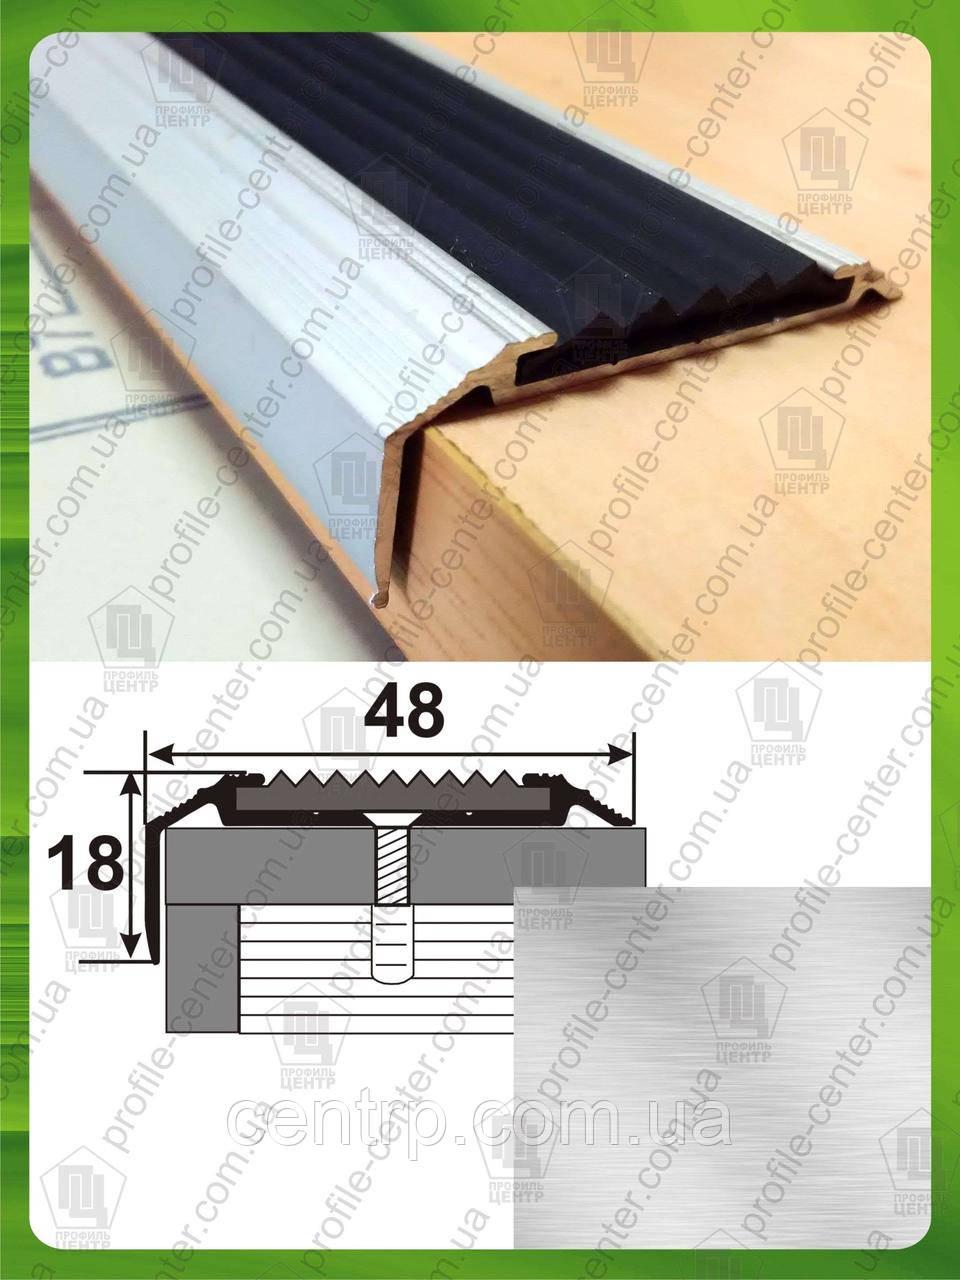 Противоскользящая угловая накладка на ступени УЛ 151. 1.0м, Без покрытия